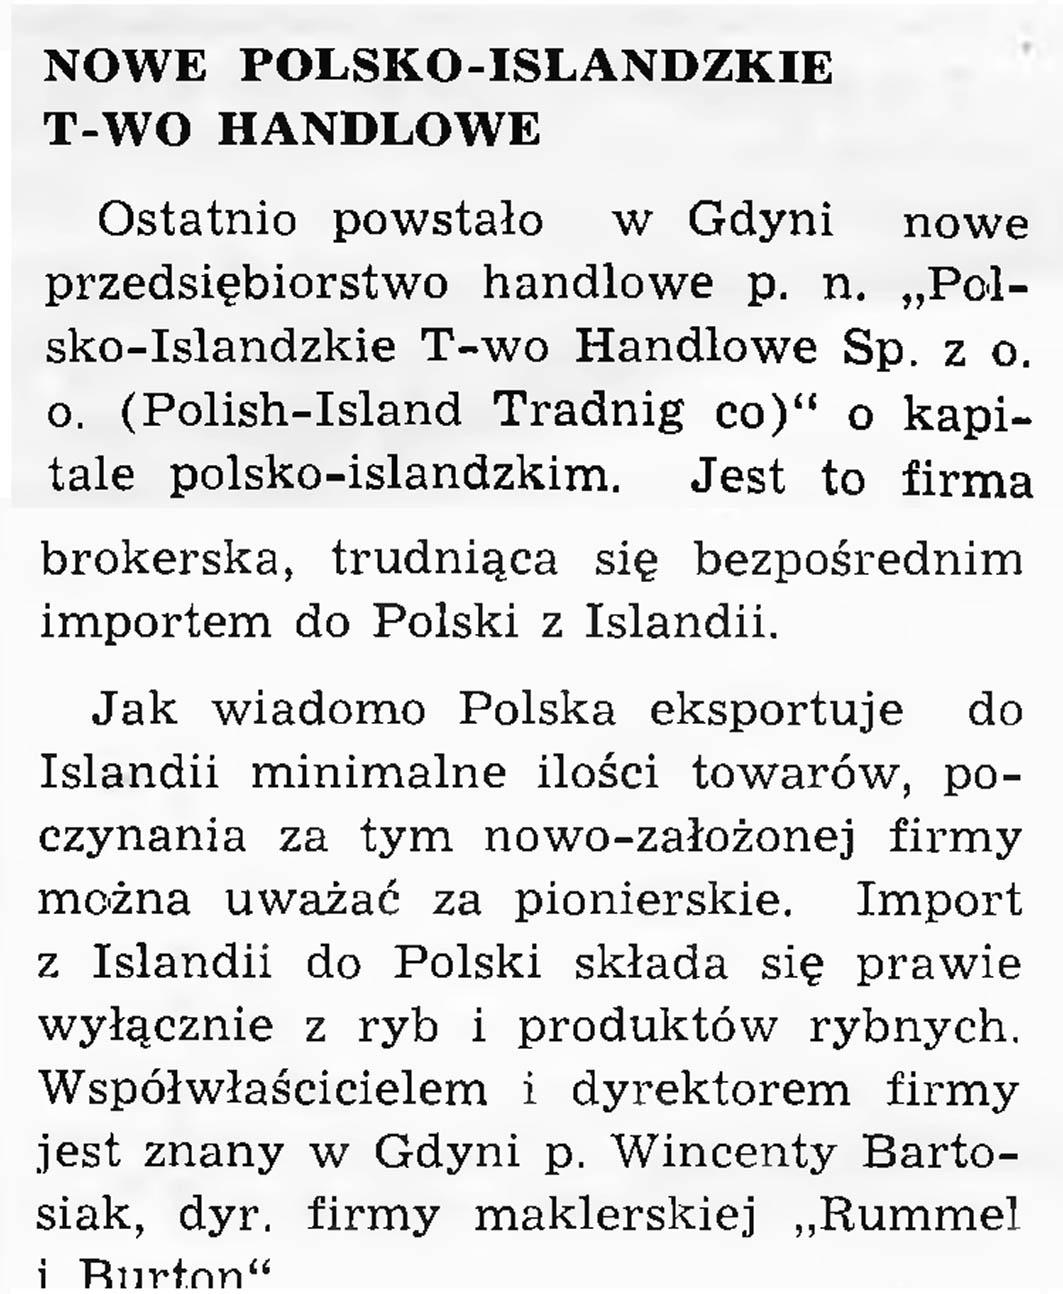 Nowe polsko-islandzkie towarzystwo Naukowe